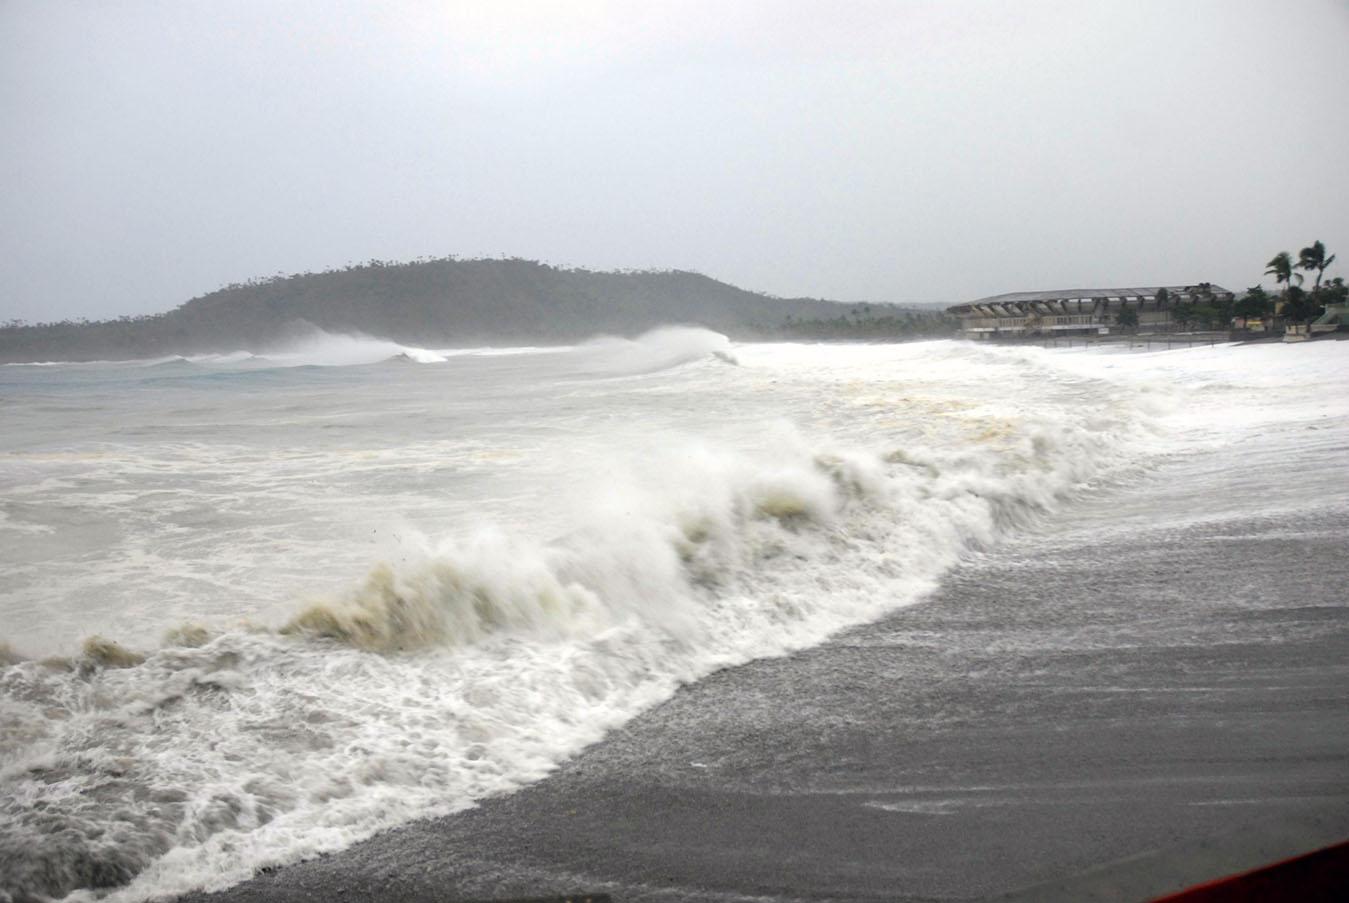 Posibles inundaciones costeras por fuerte oleaje en costa Atlántica